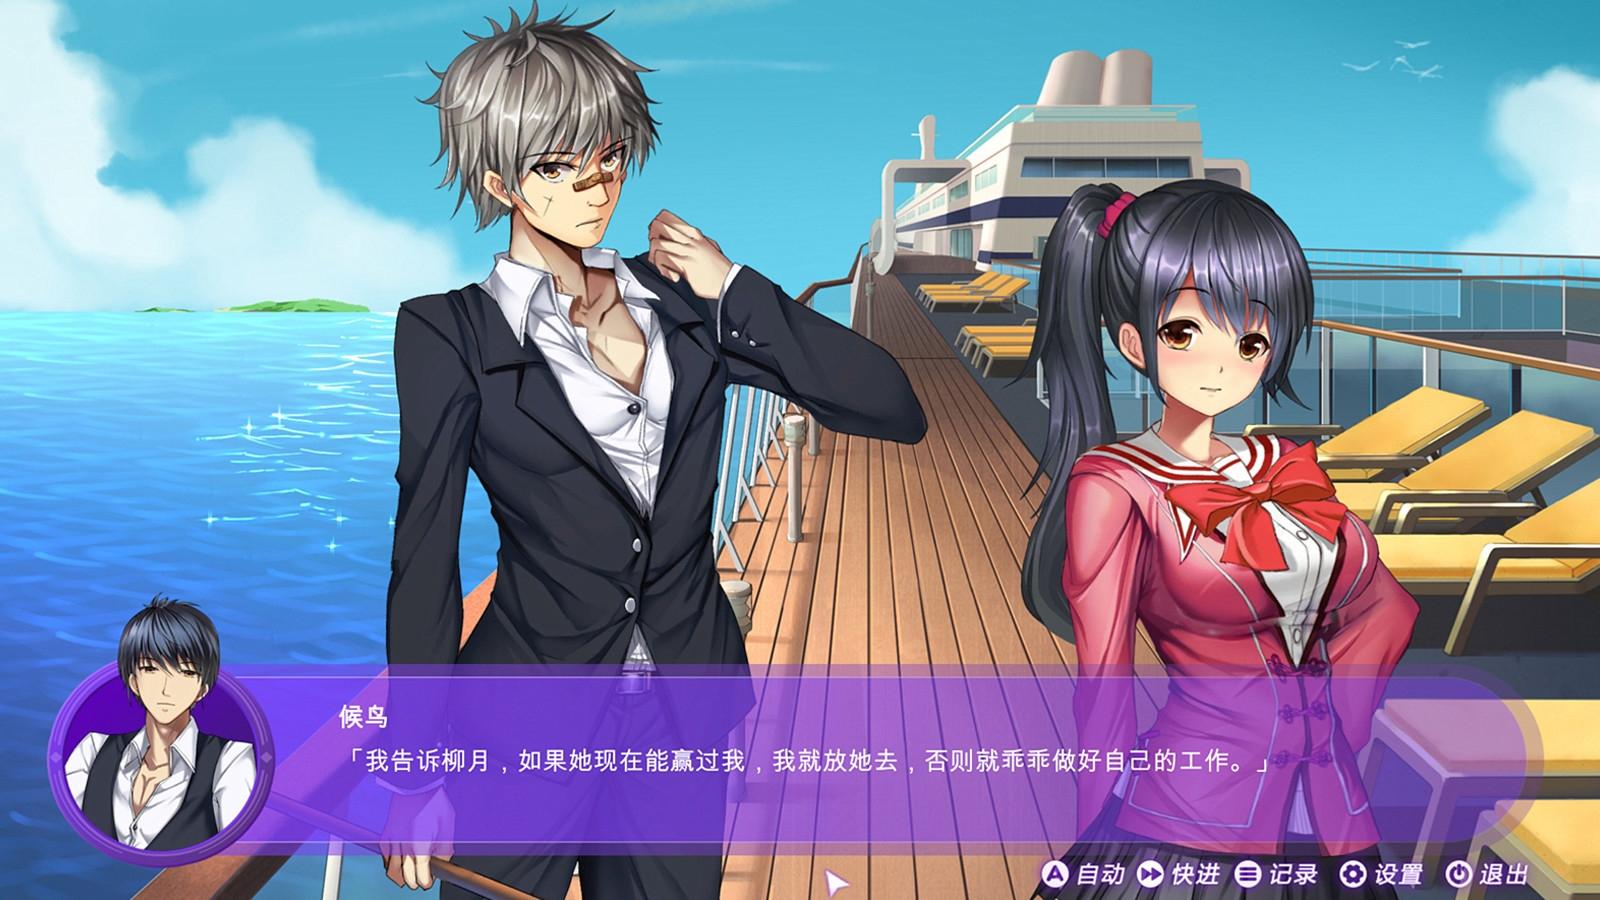 斗地主少女免安装中文版 v1.0.7免费版